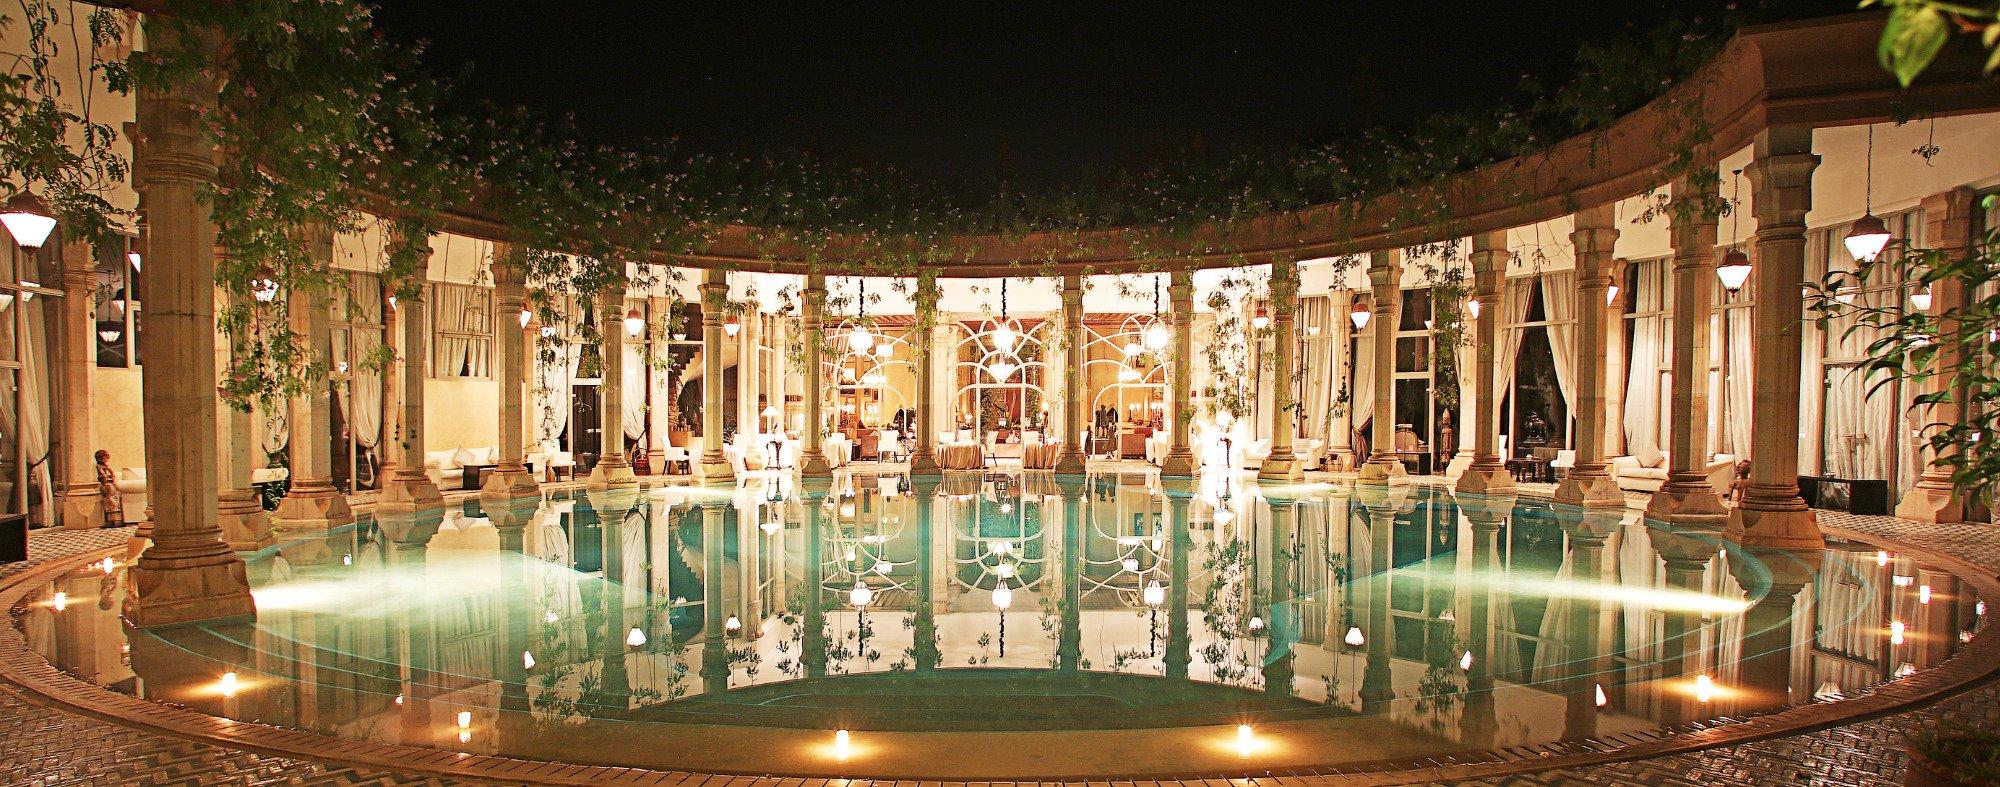 Le Palais Rhoul & Spa